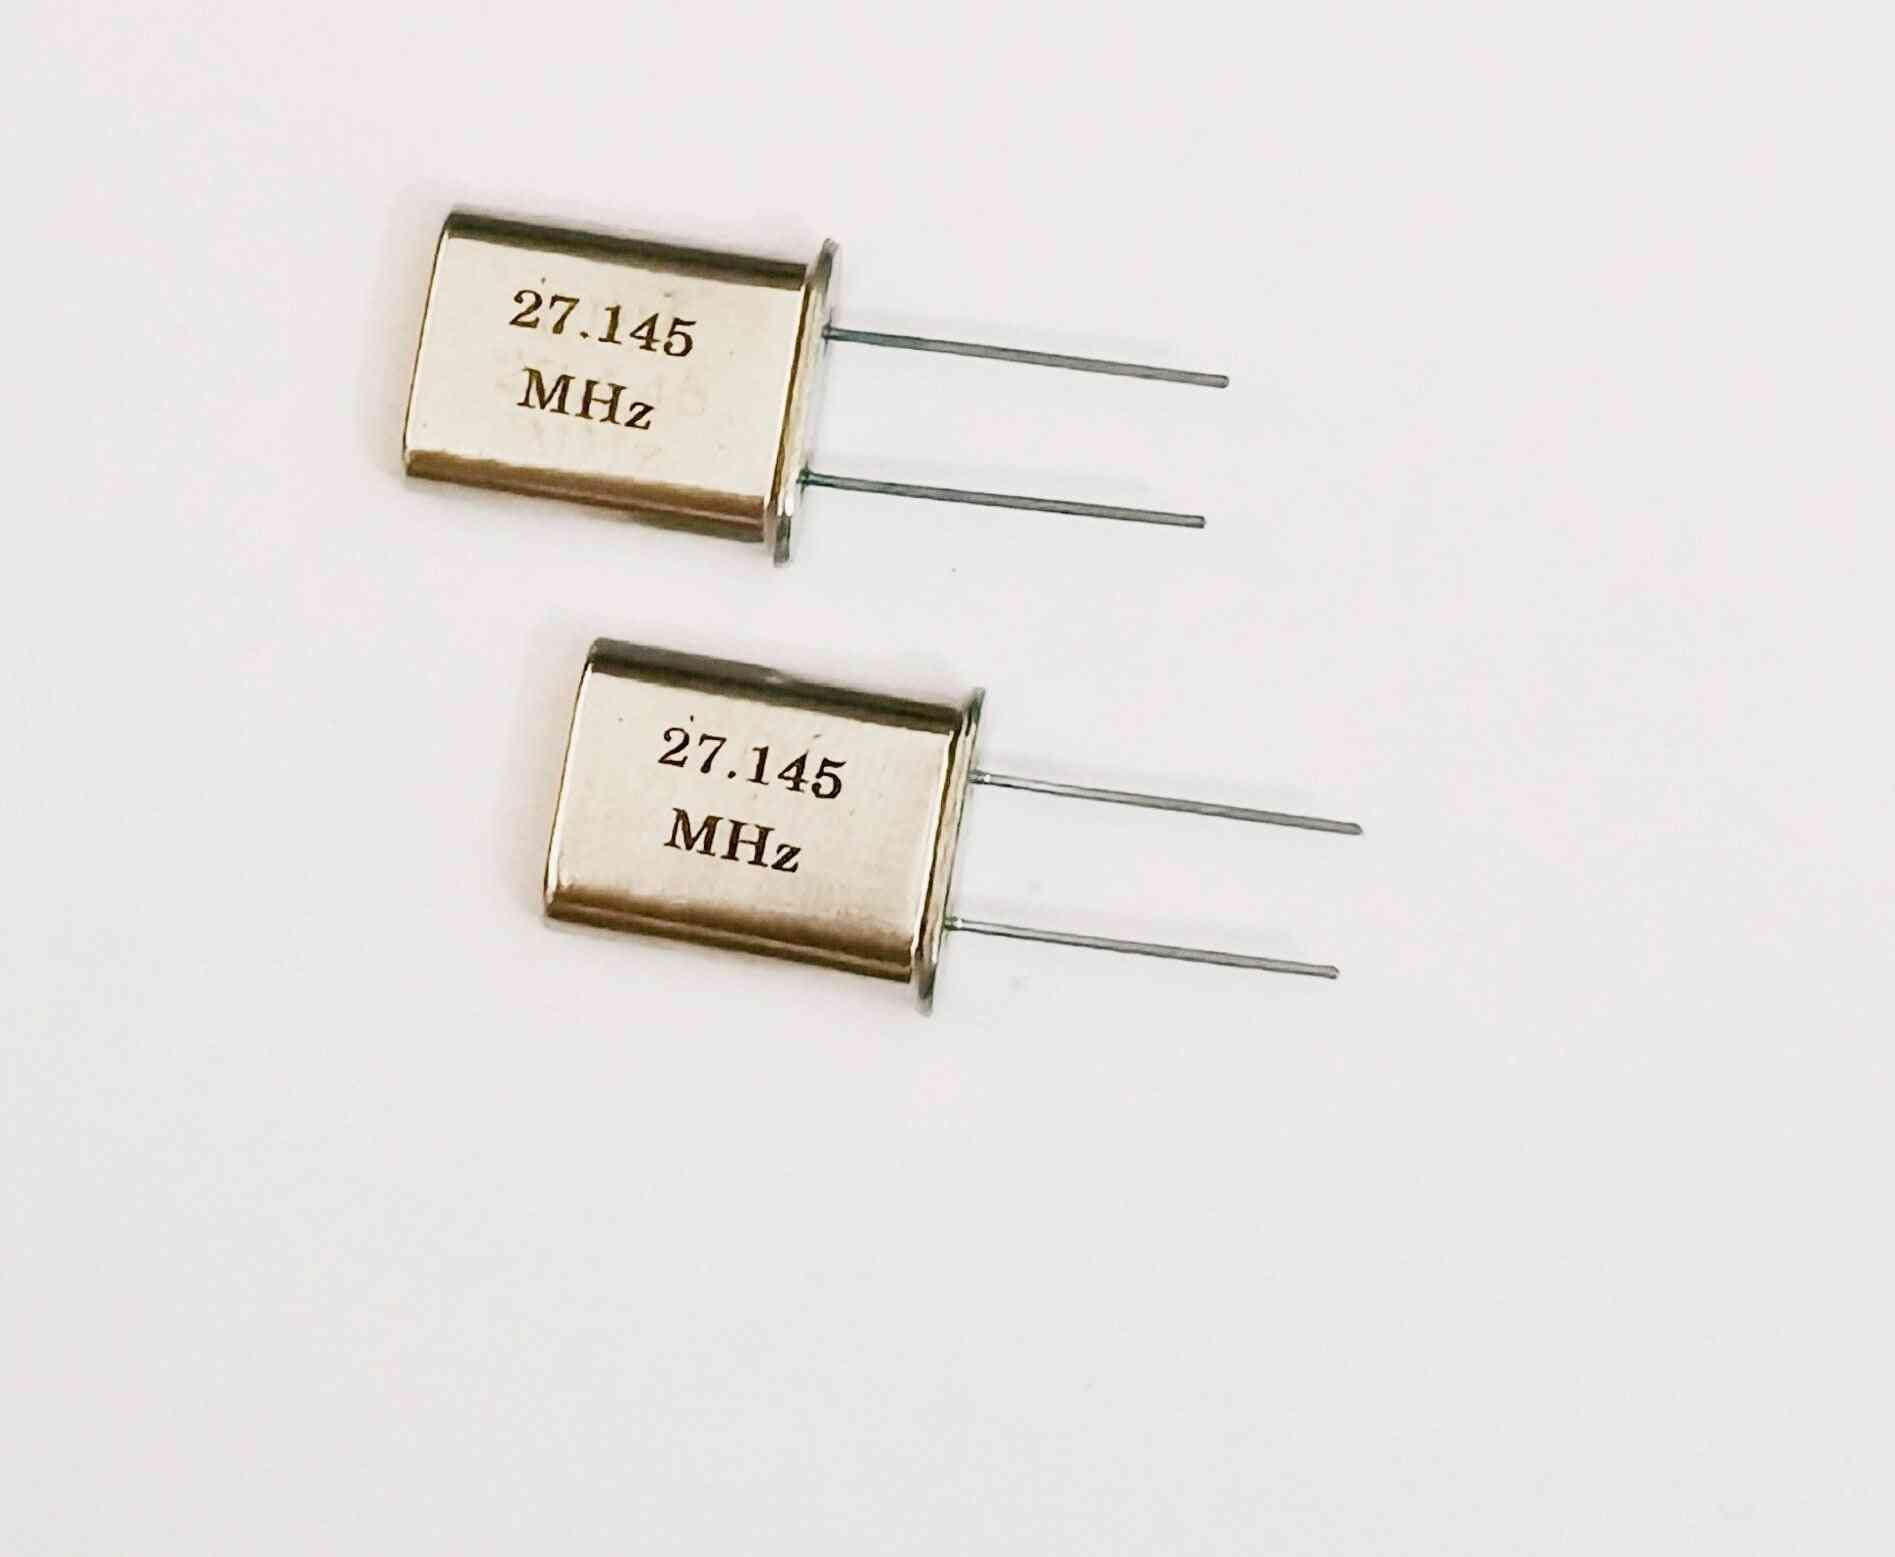 In-line Quartz Crystal Oscillator